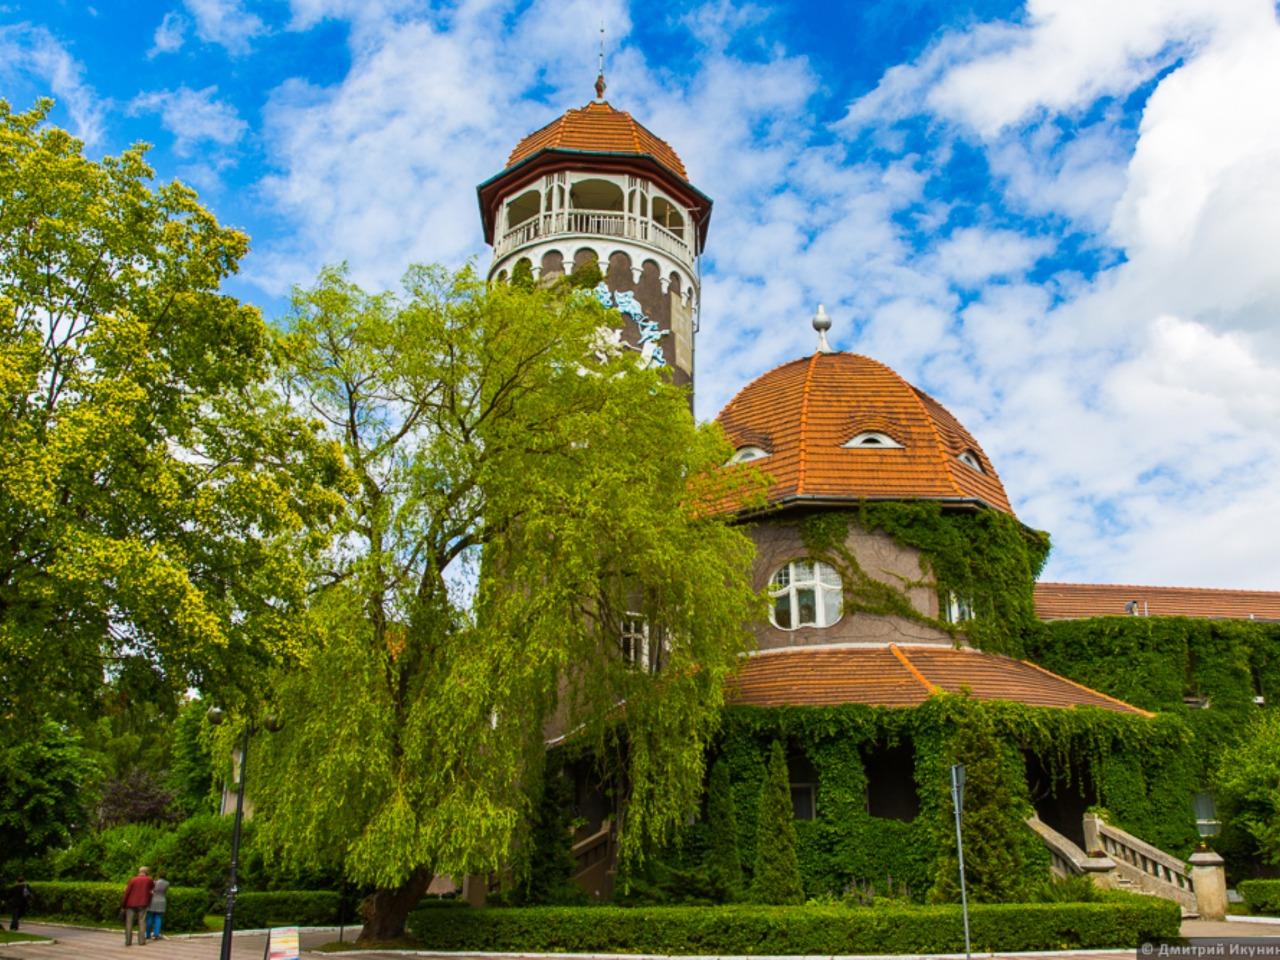 Балтийск, Янтарный и Светлогорск - индивидуальная экскурсия в Калининграде от опытного гида